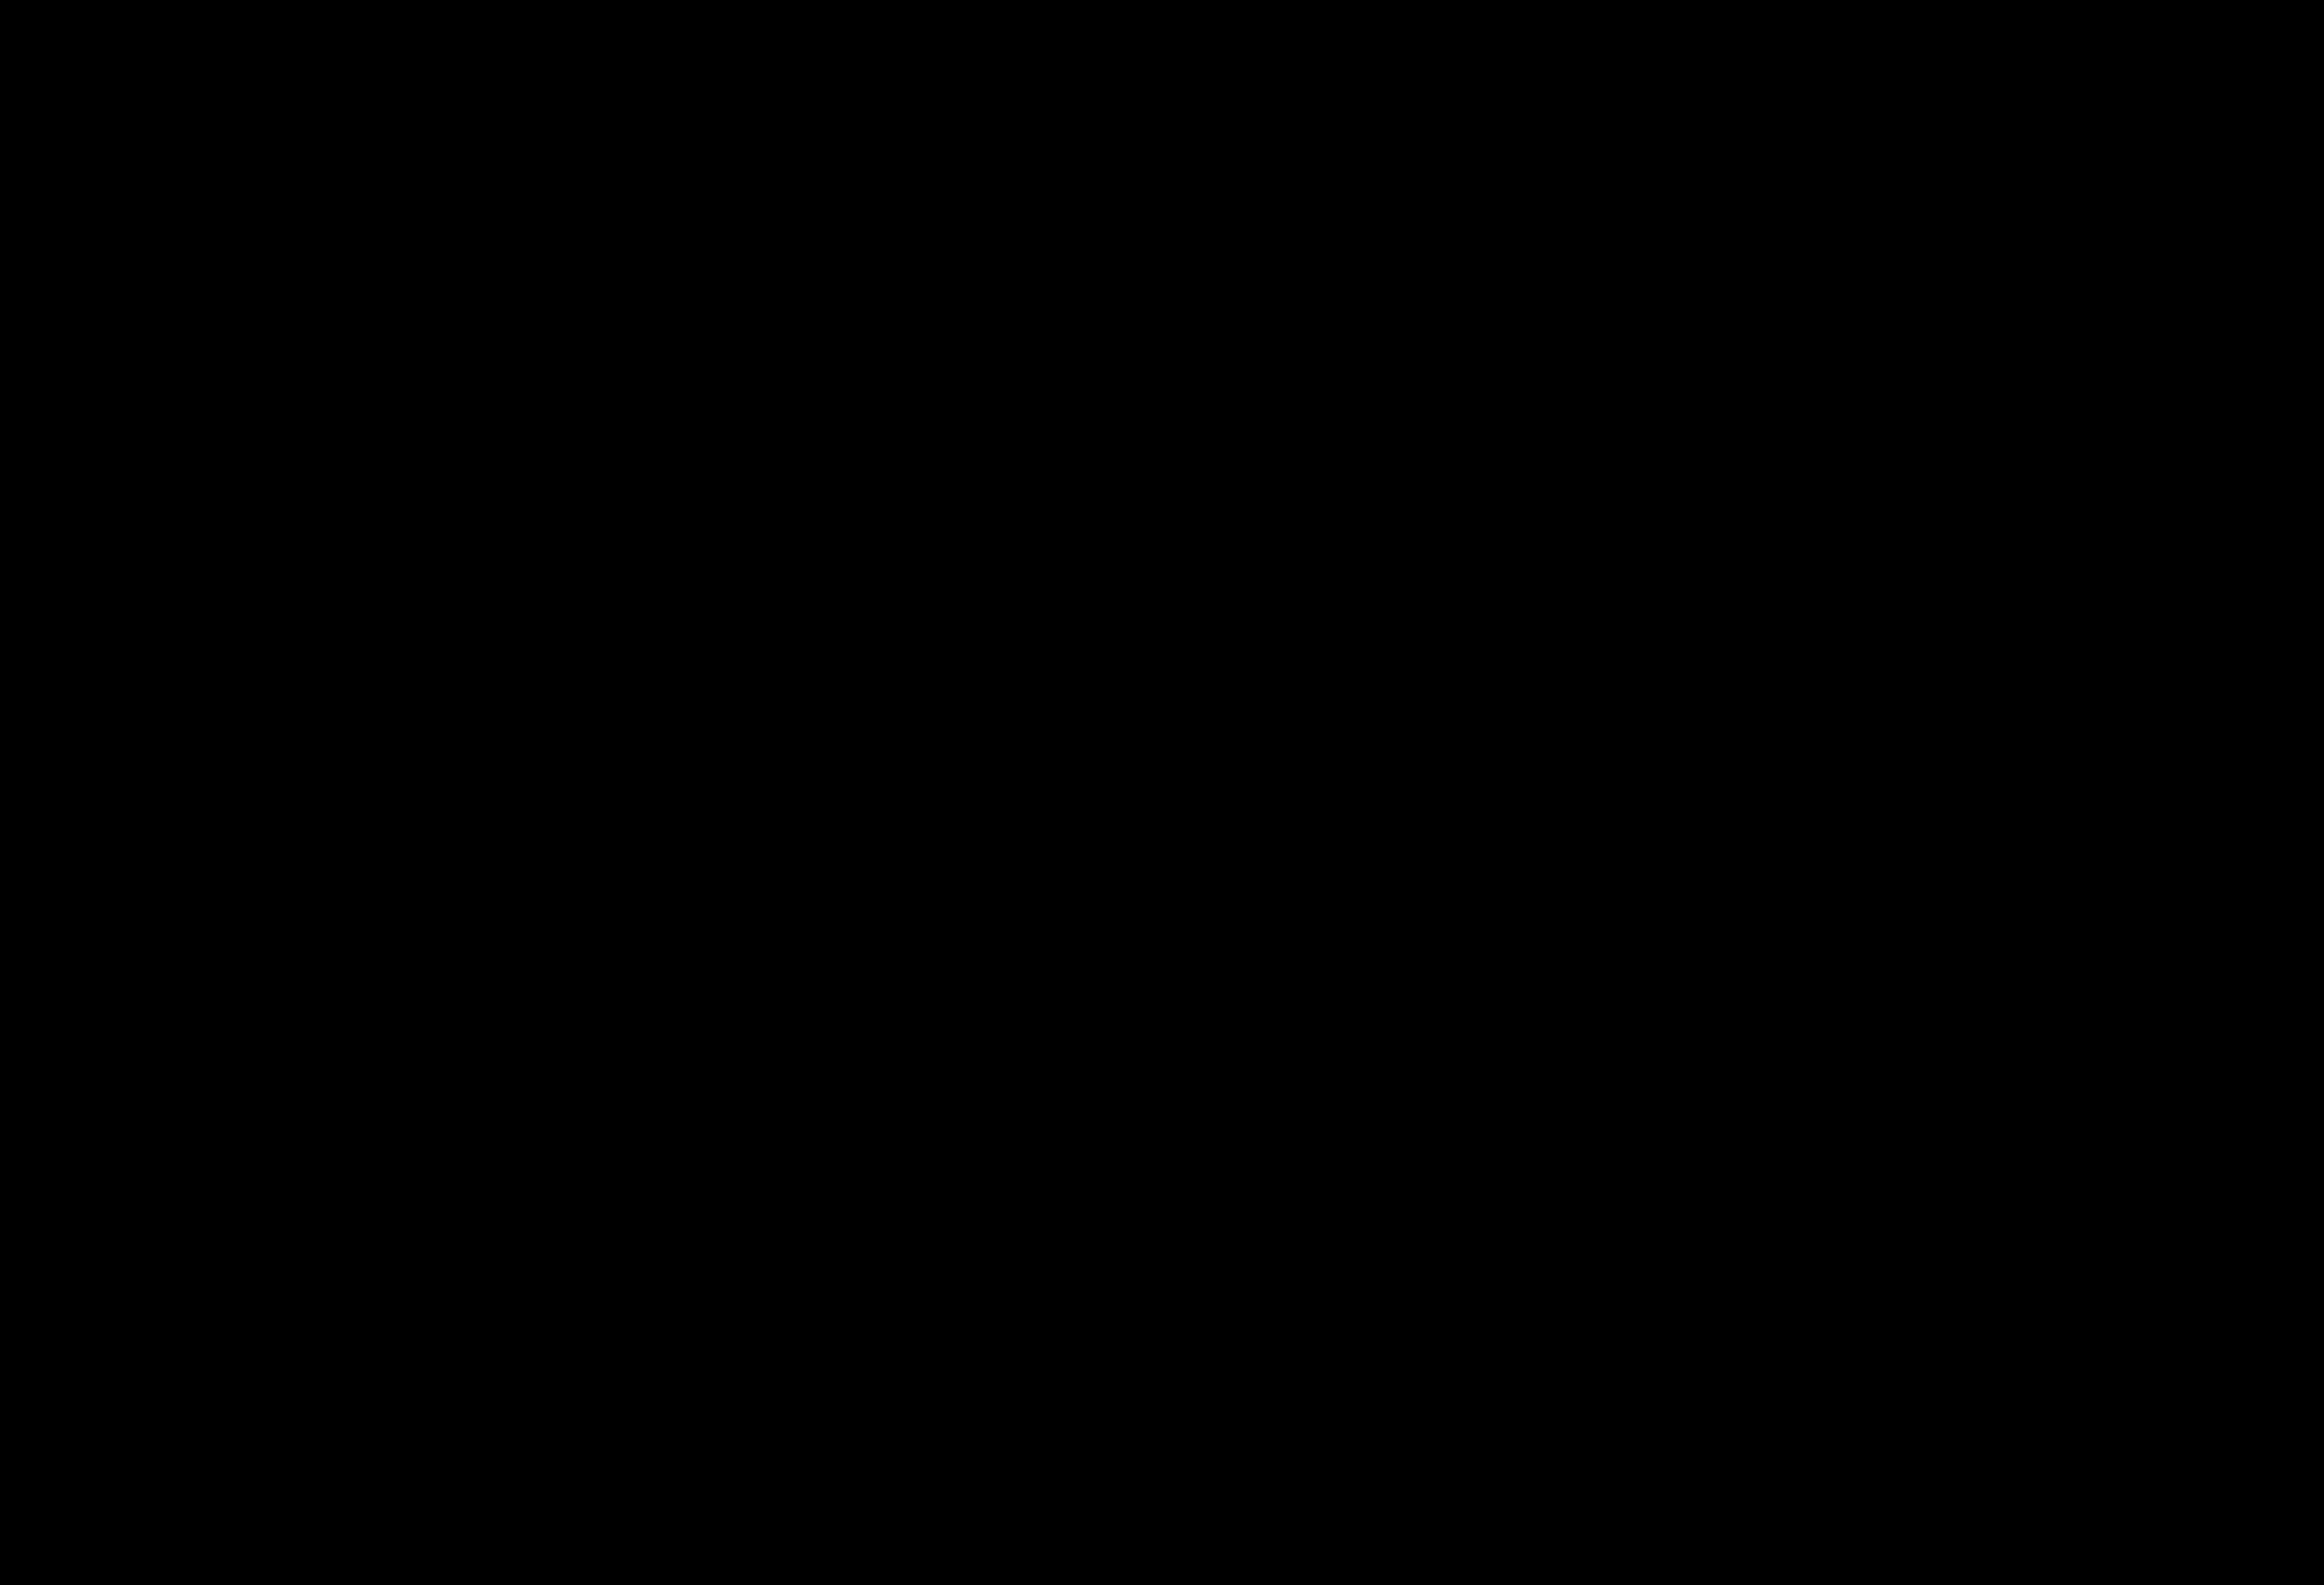 Bernard-Marie Koltès: NÁVRAT DO POUŠTĚ. režie Roman Polák, 2000; Emília Vášáryová / Matylda Serpenoisová, Petr Nárožný / Adrian; foto Yvona Odrazilová